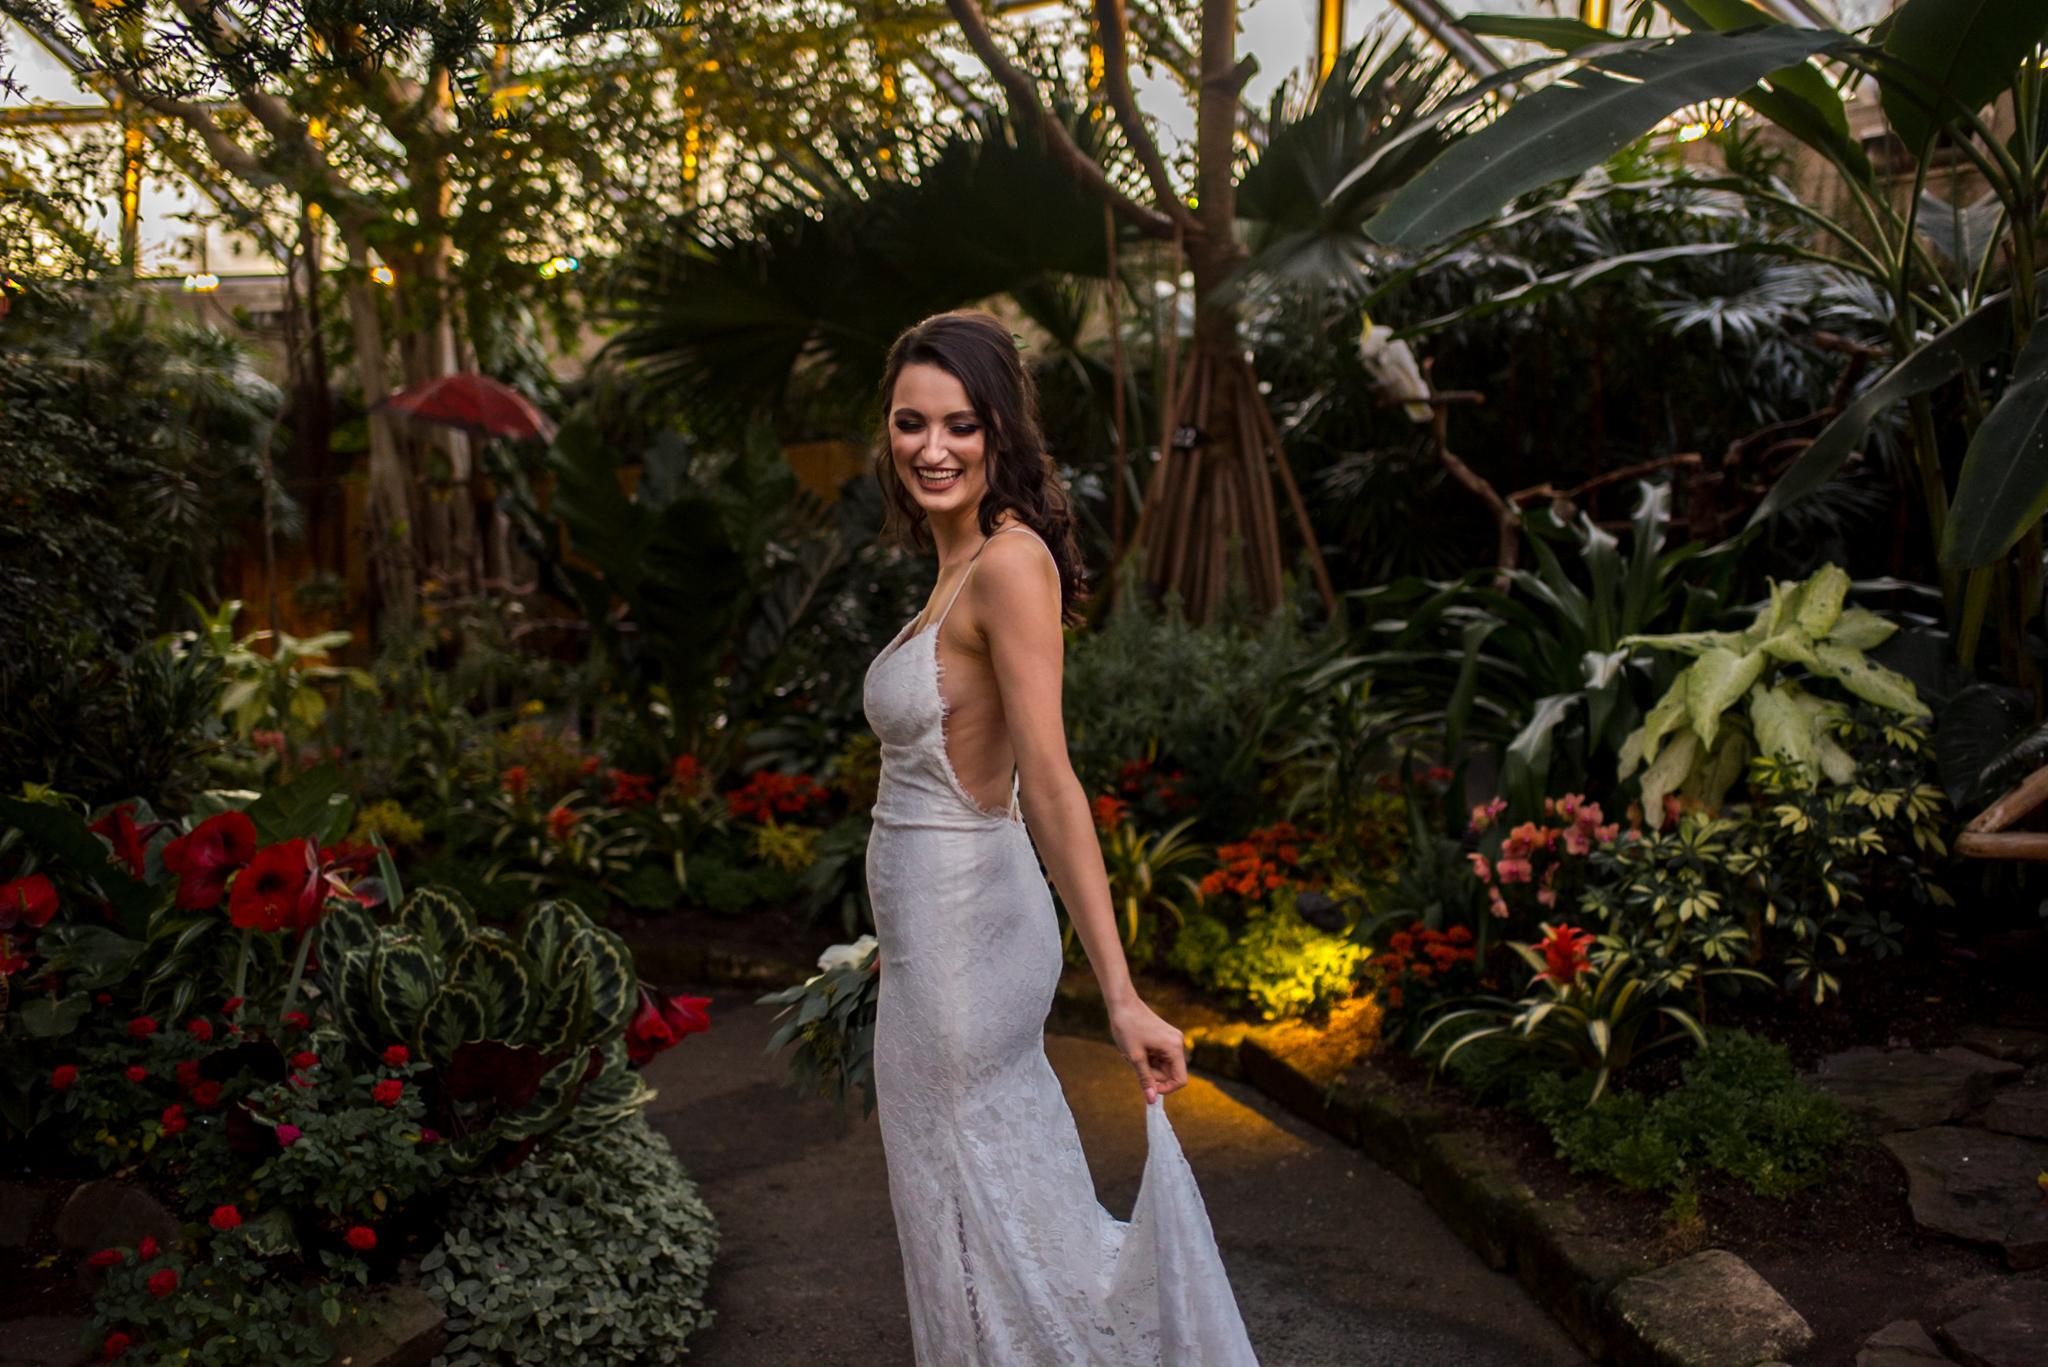 Queen Elizabeth Park Wedding Photographer-80.JPG